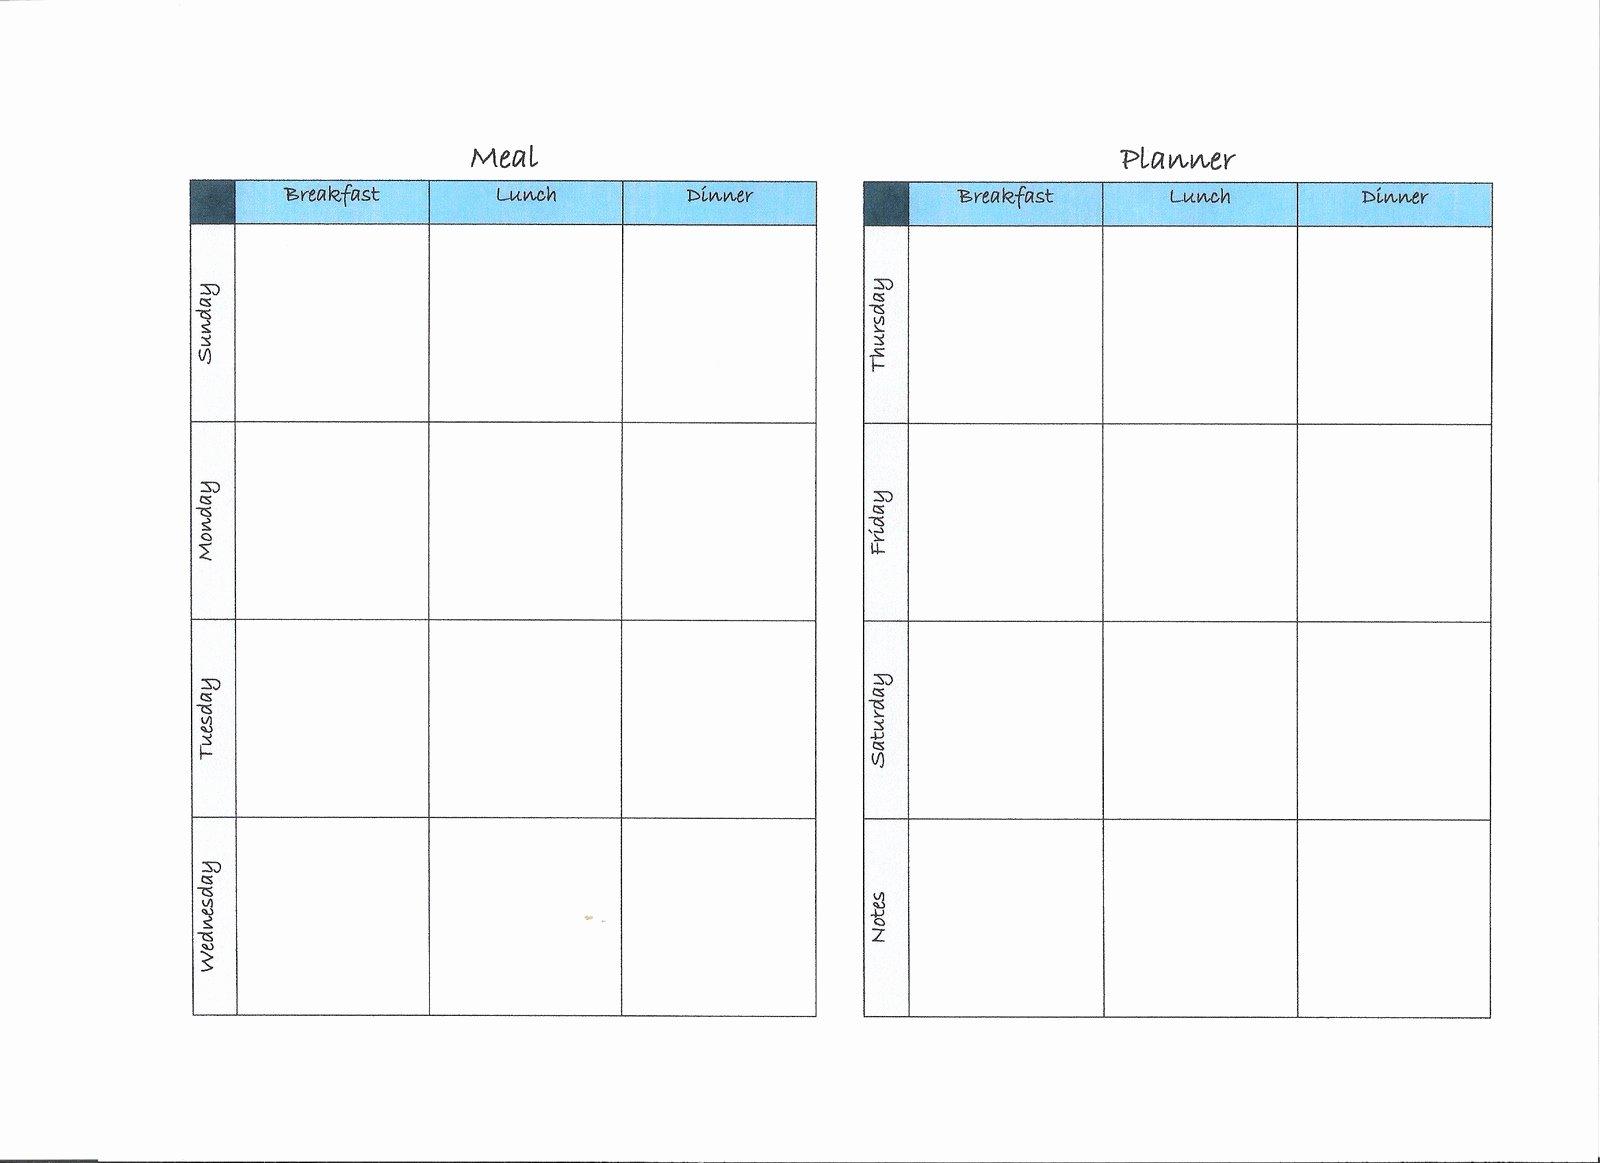 Two Week Meal Planner Template Beautiful Download Free Weekly Meals Planner Template Utorrentgospel